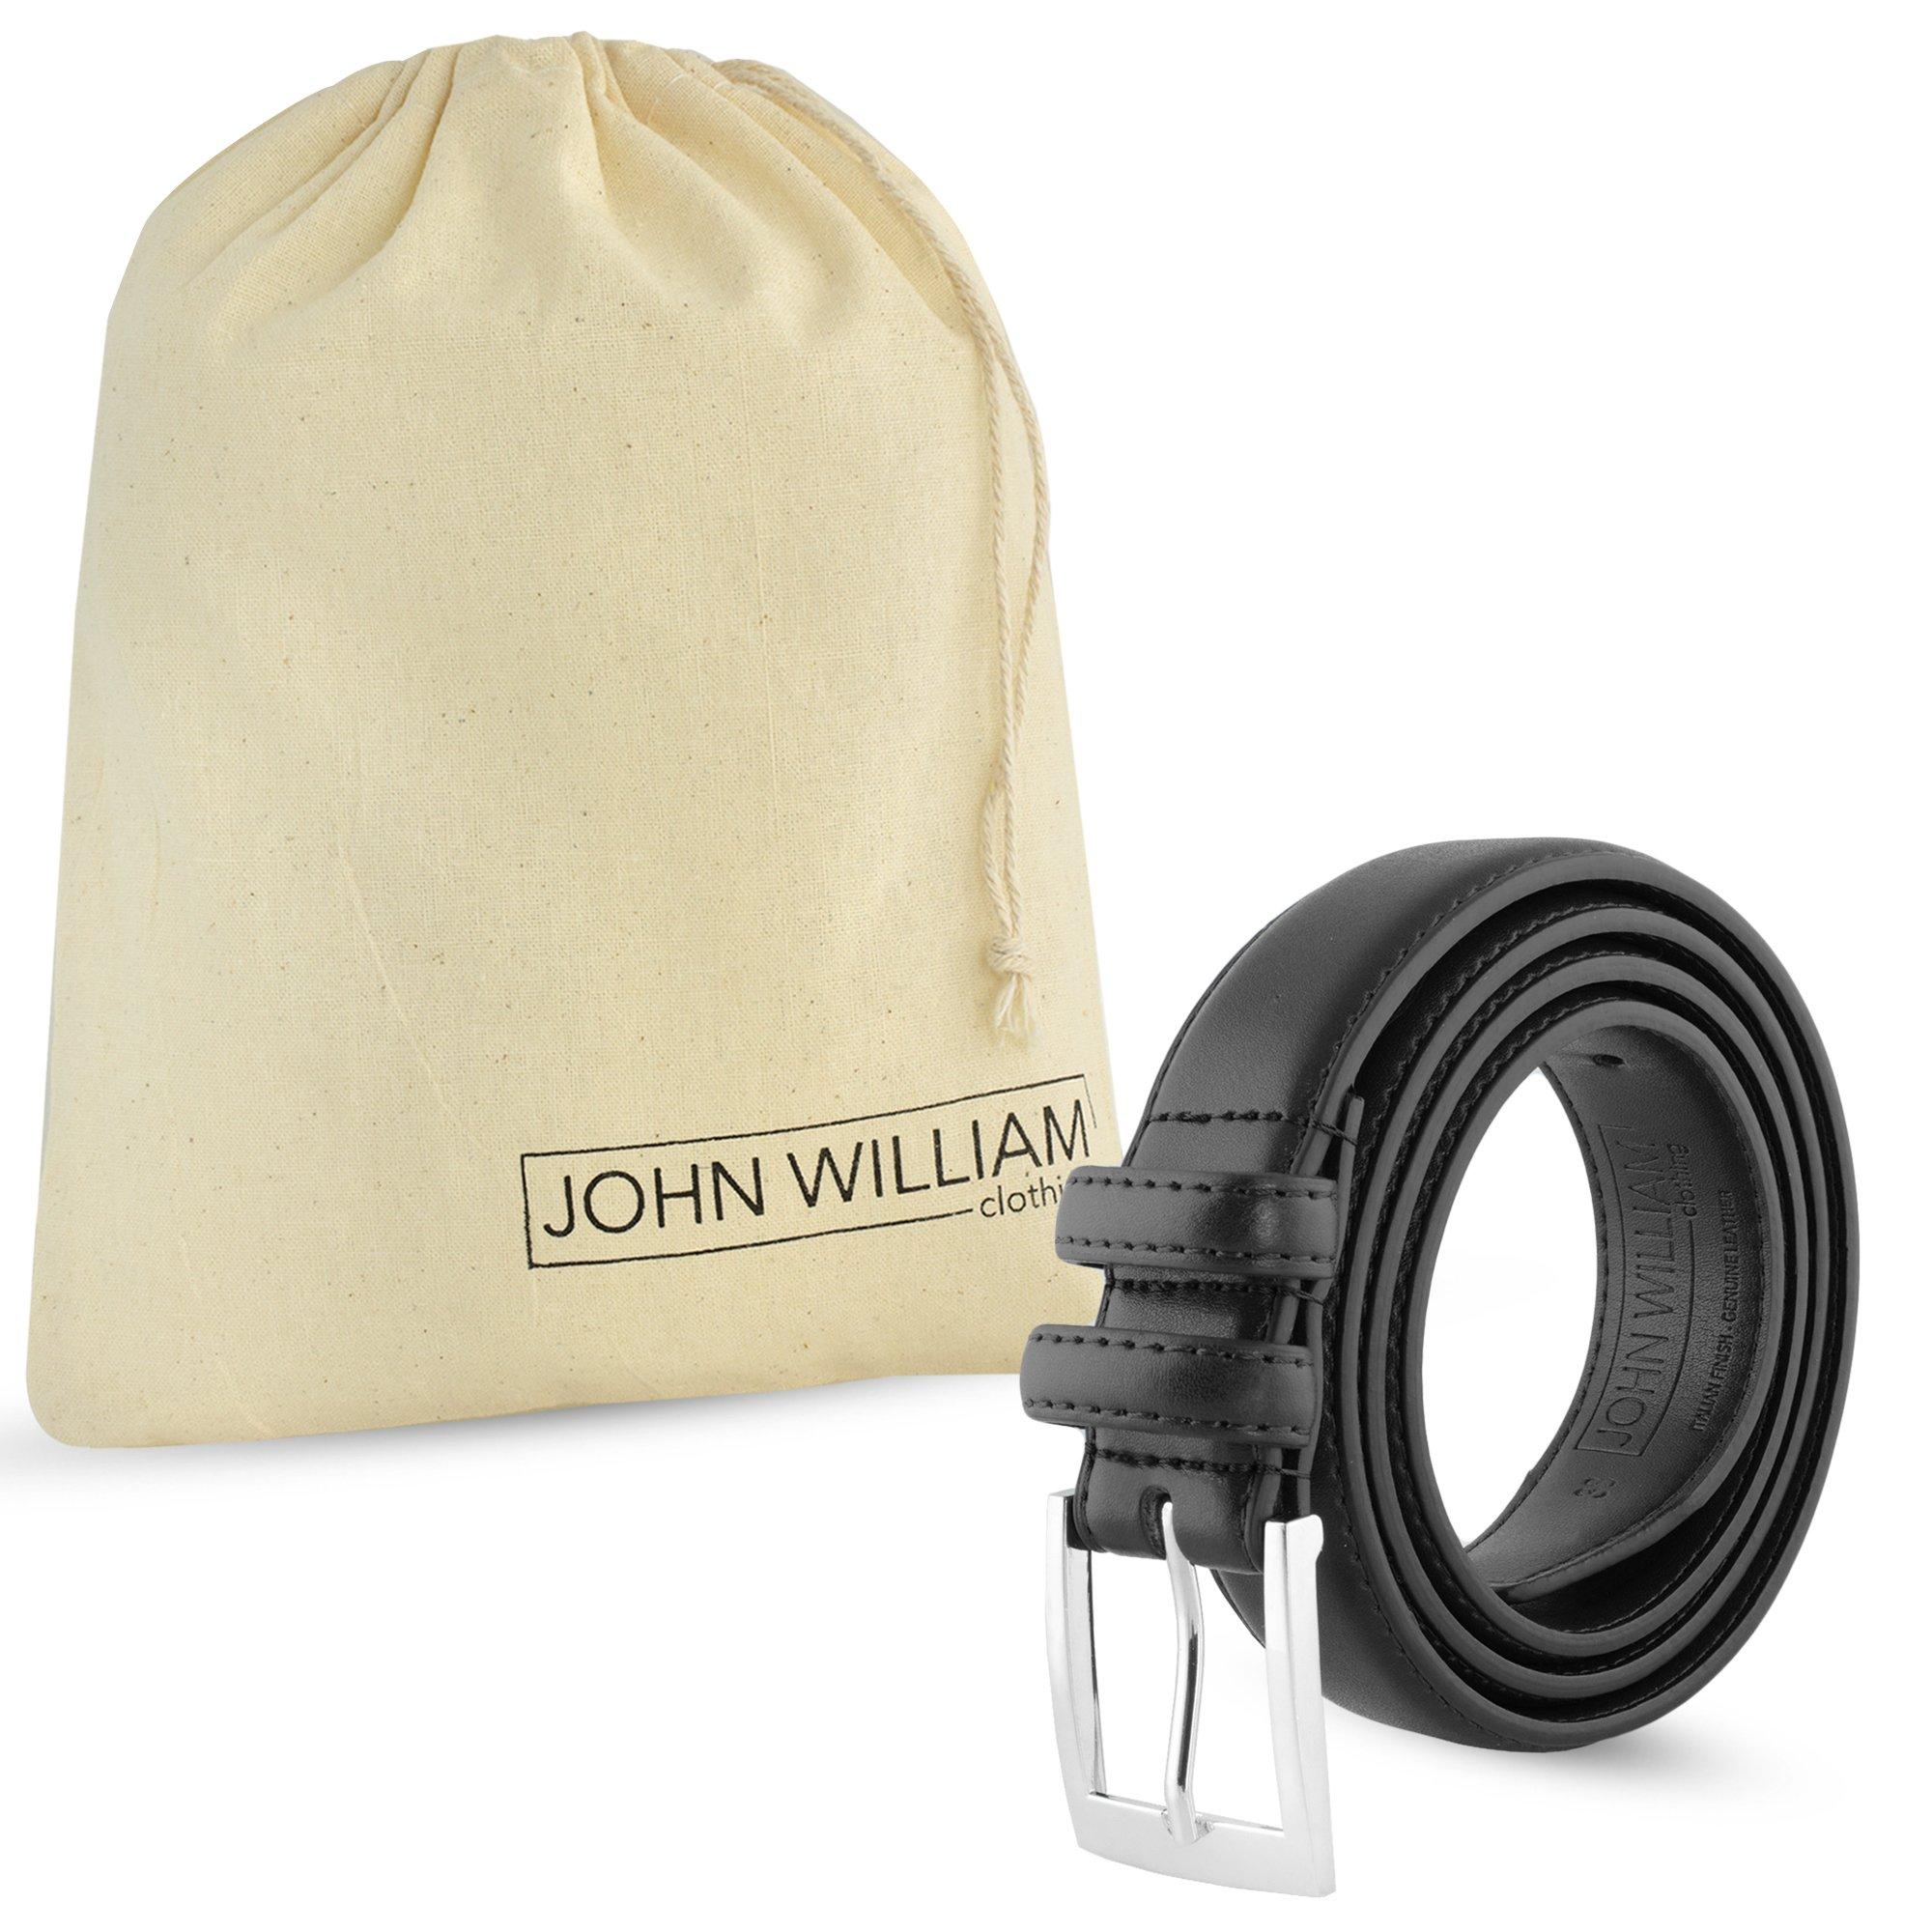 Leather Belts For Men - Mens Black Belt - 1.25'' Dress & Casual Men's Belt in Gift Bag - 36 by John William Clothing (Image #6)